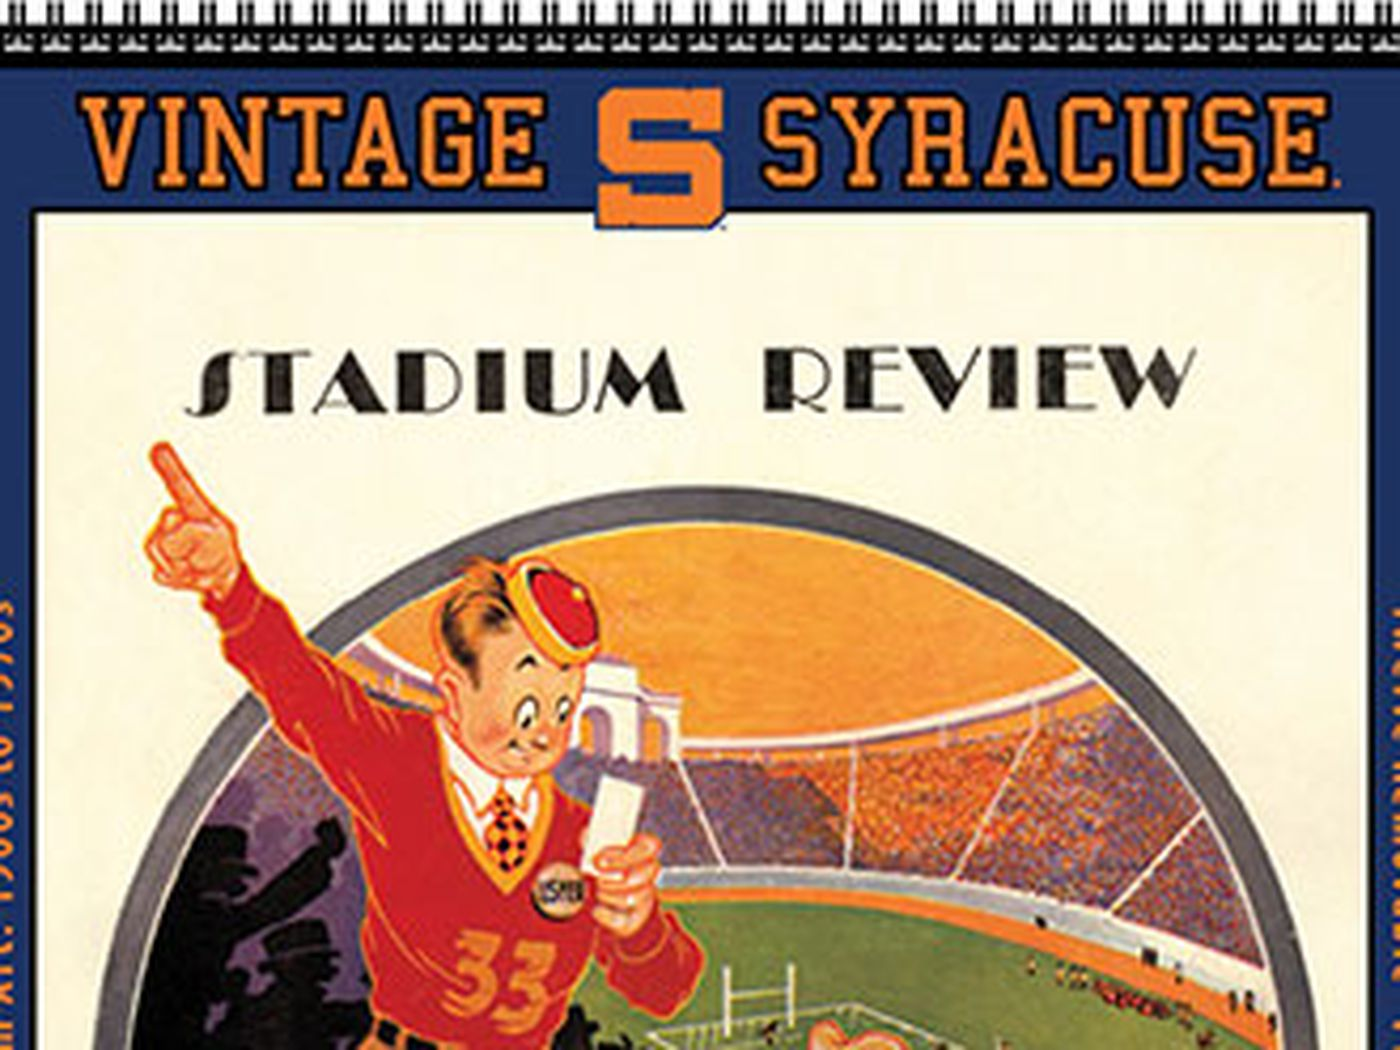 Syracuse Calendar.The 2014 Vintage Syracuse Football Poster Calendar Is Here Troy